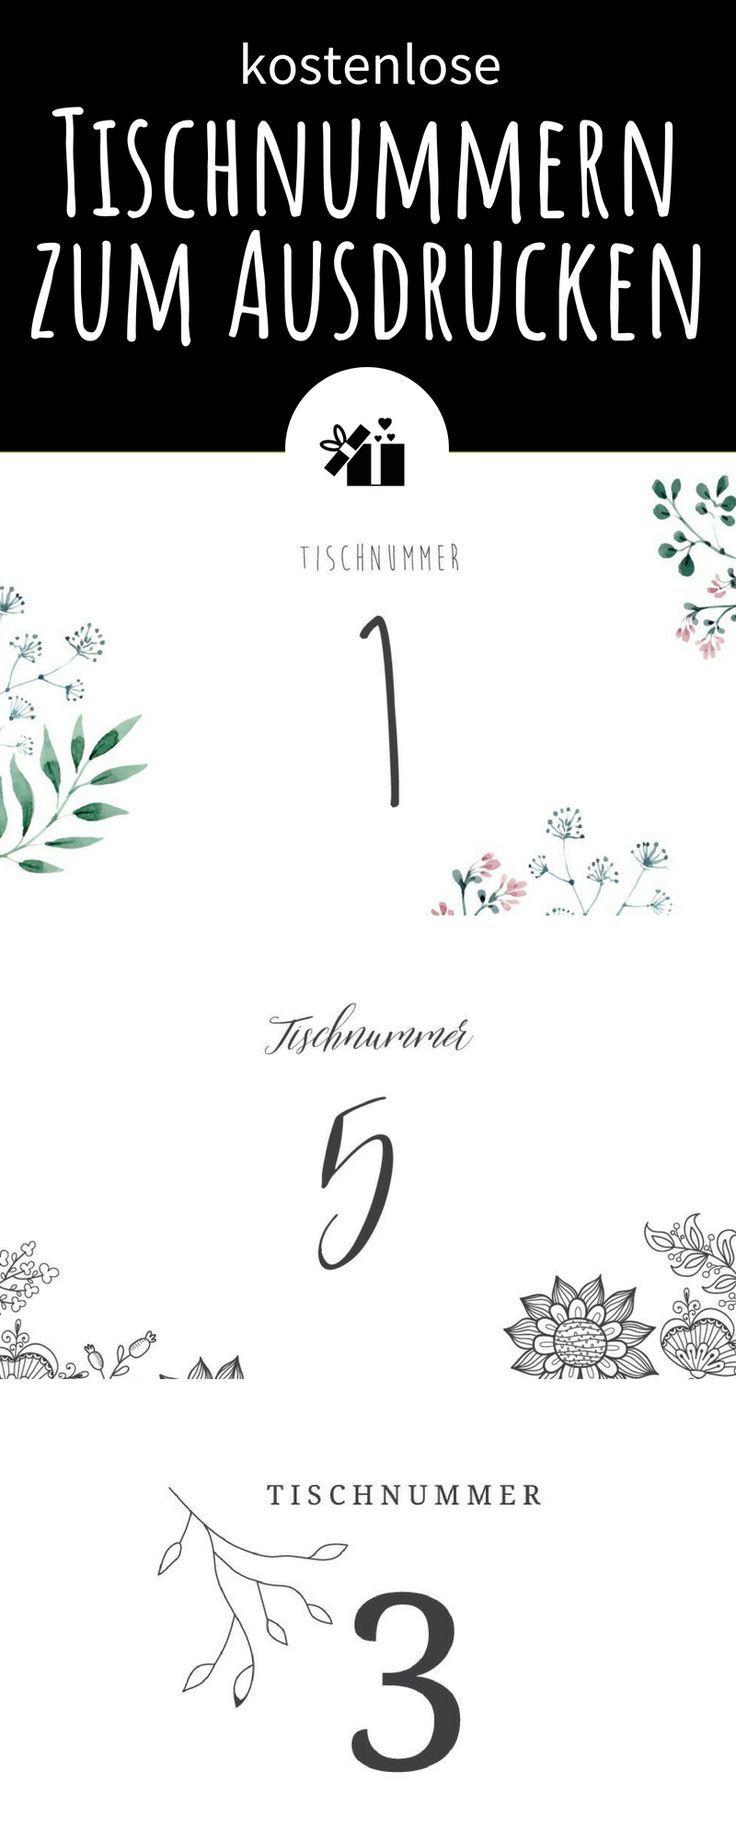 Hochzeitsschilder zum Ausdrucken: kostenlose PDF-Vorlagen in 3 Designs